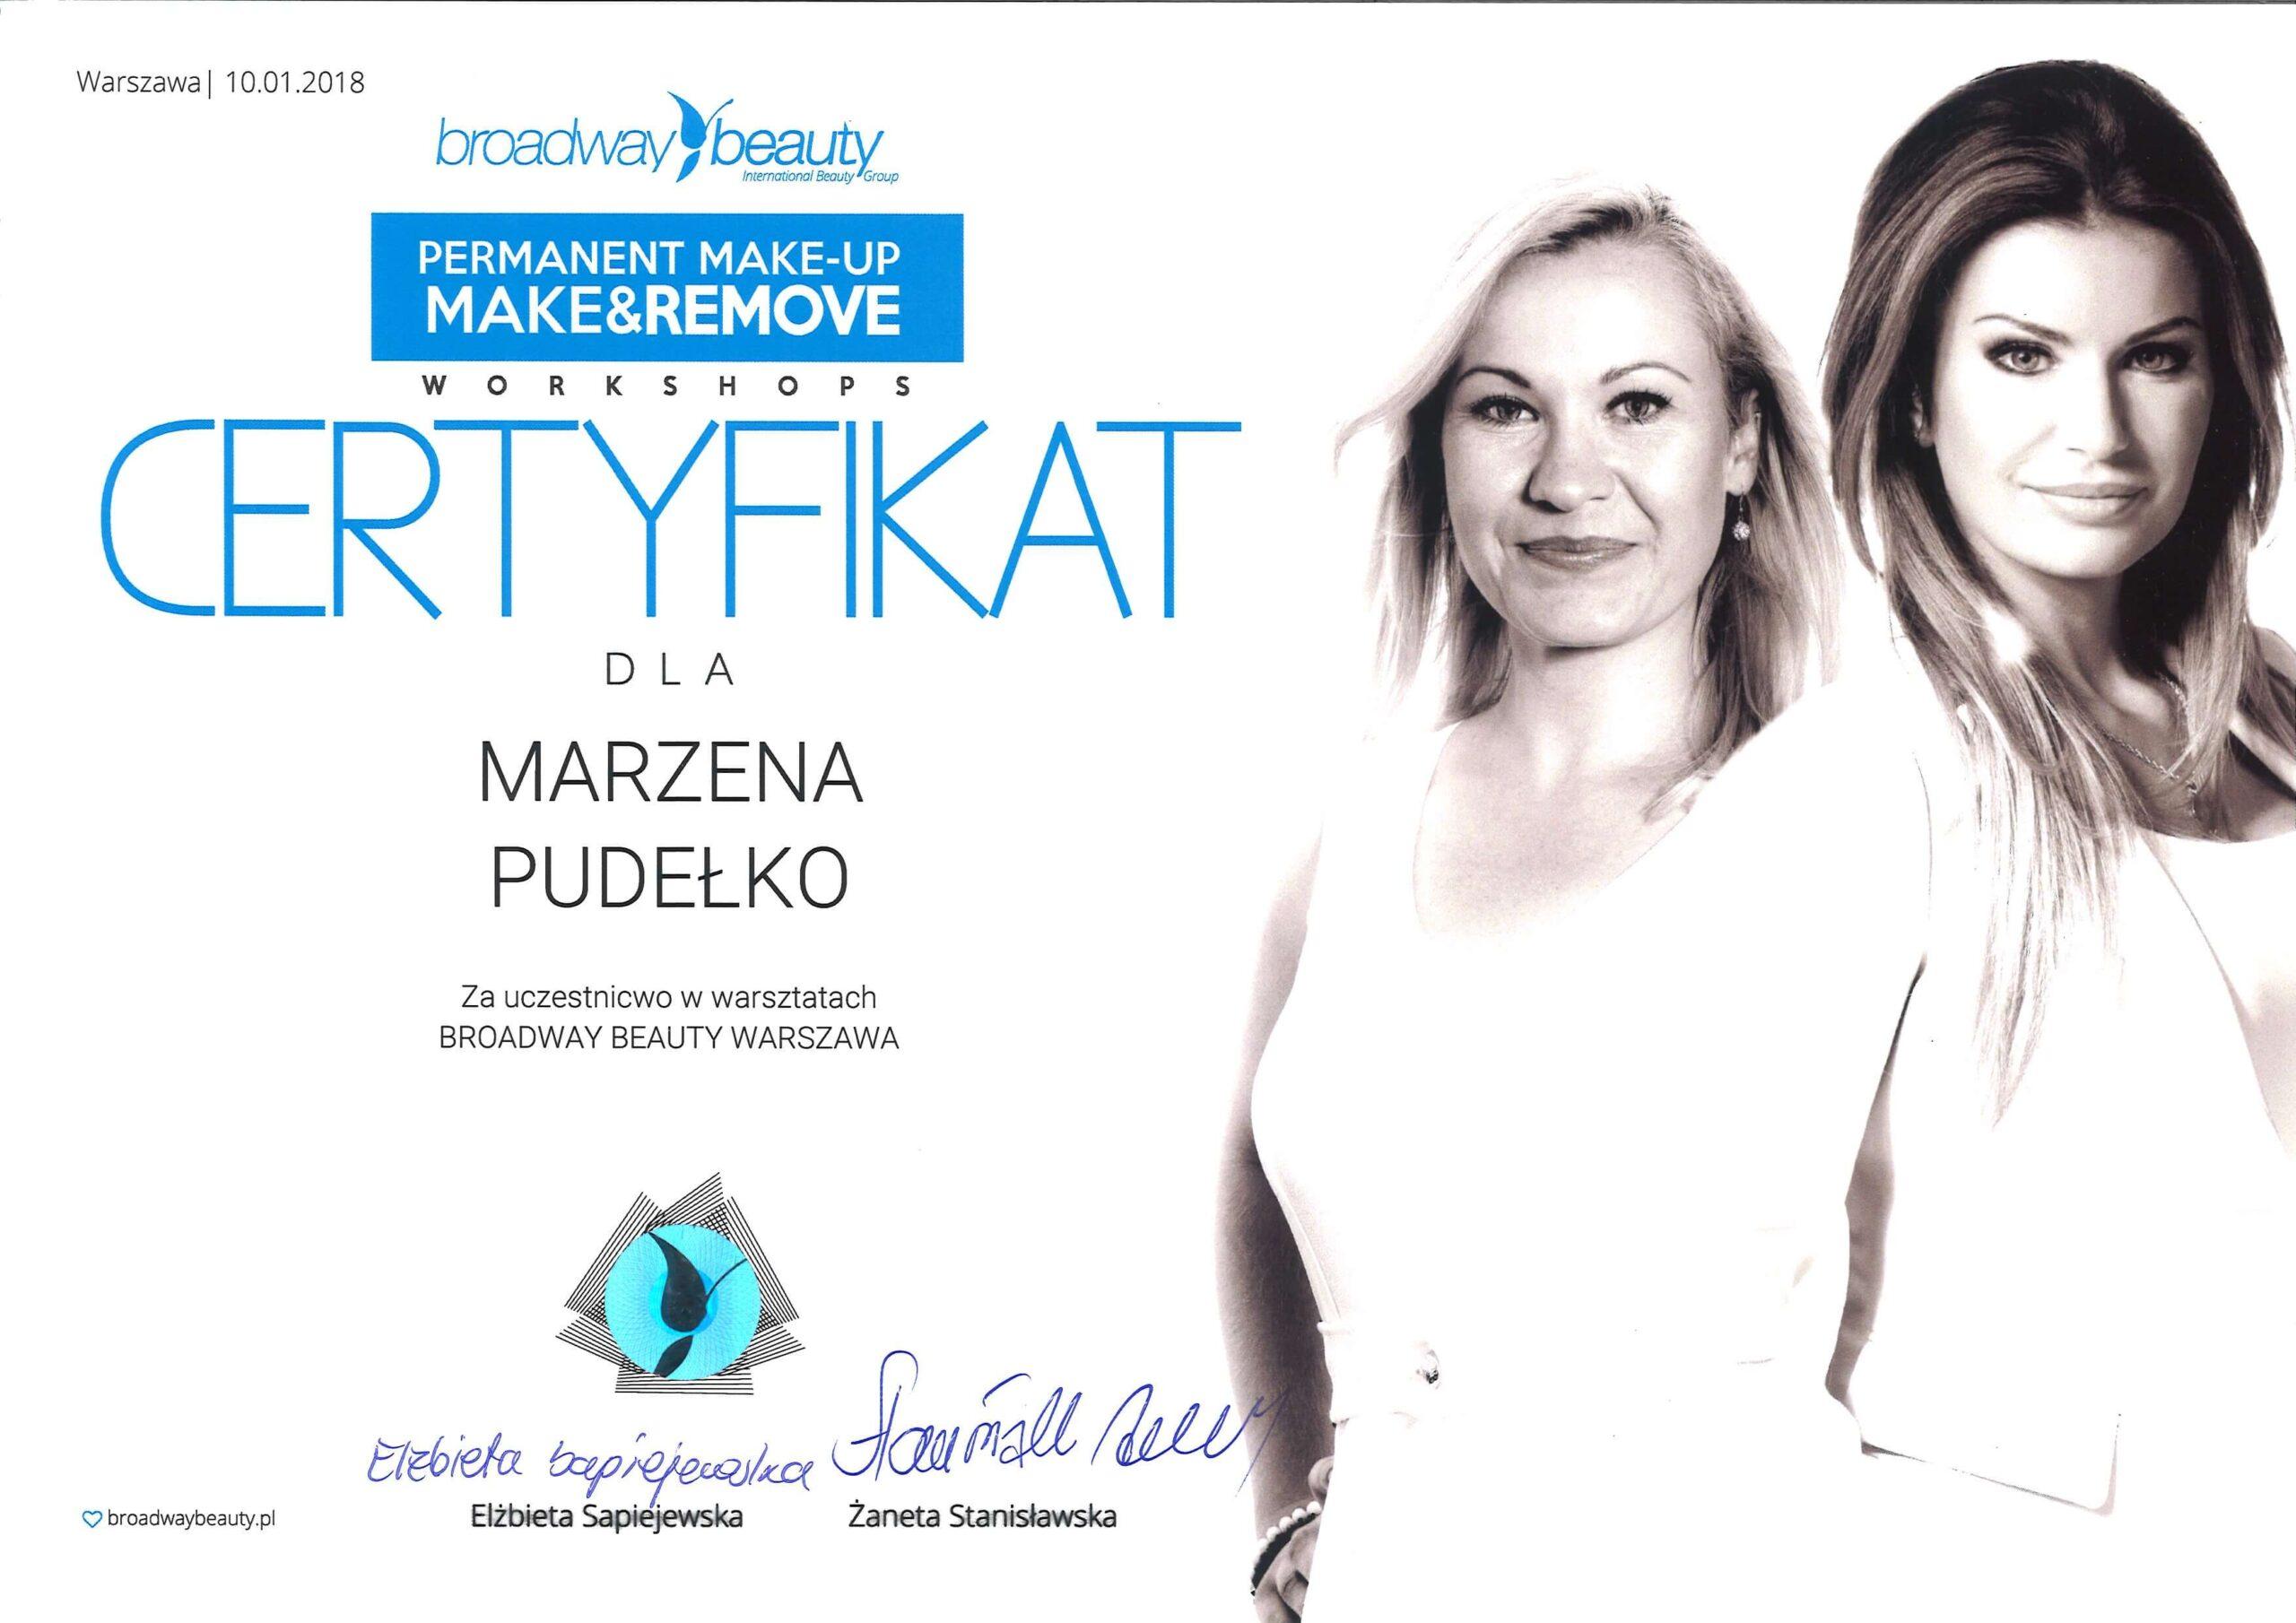 Certyfikat dla Marzena Teodorczyk